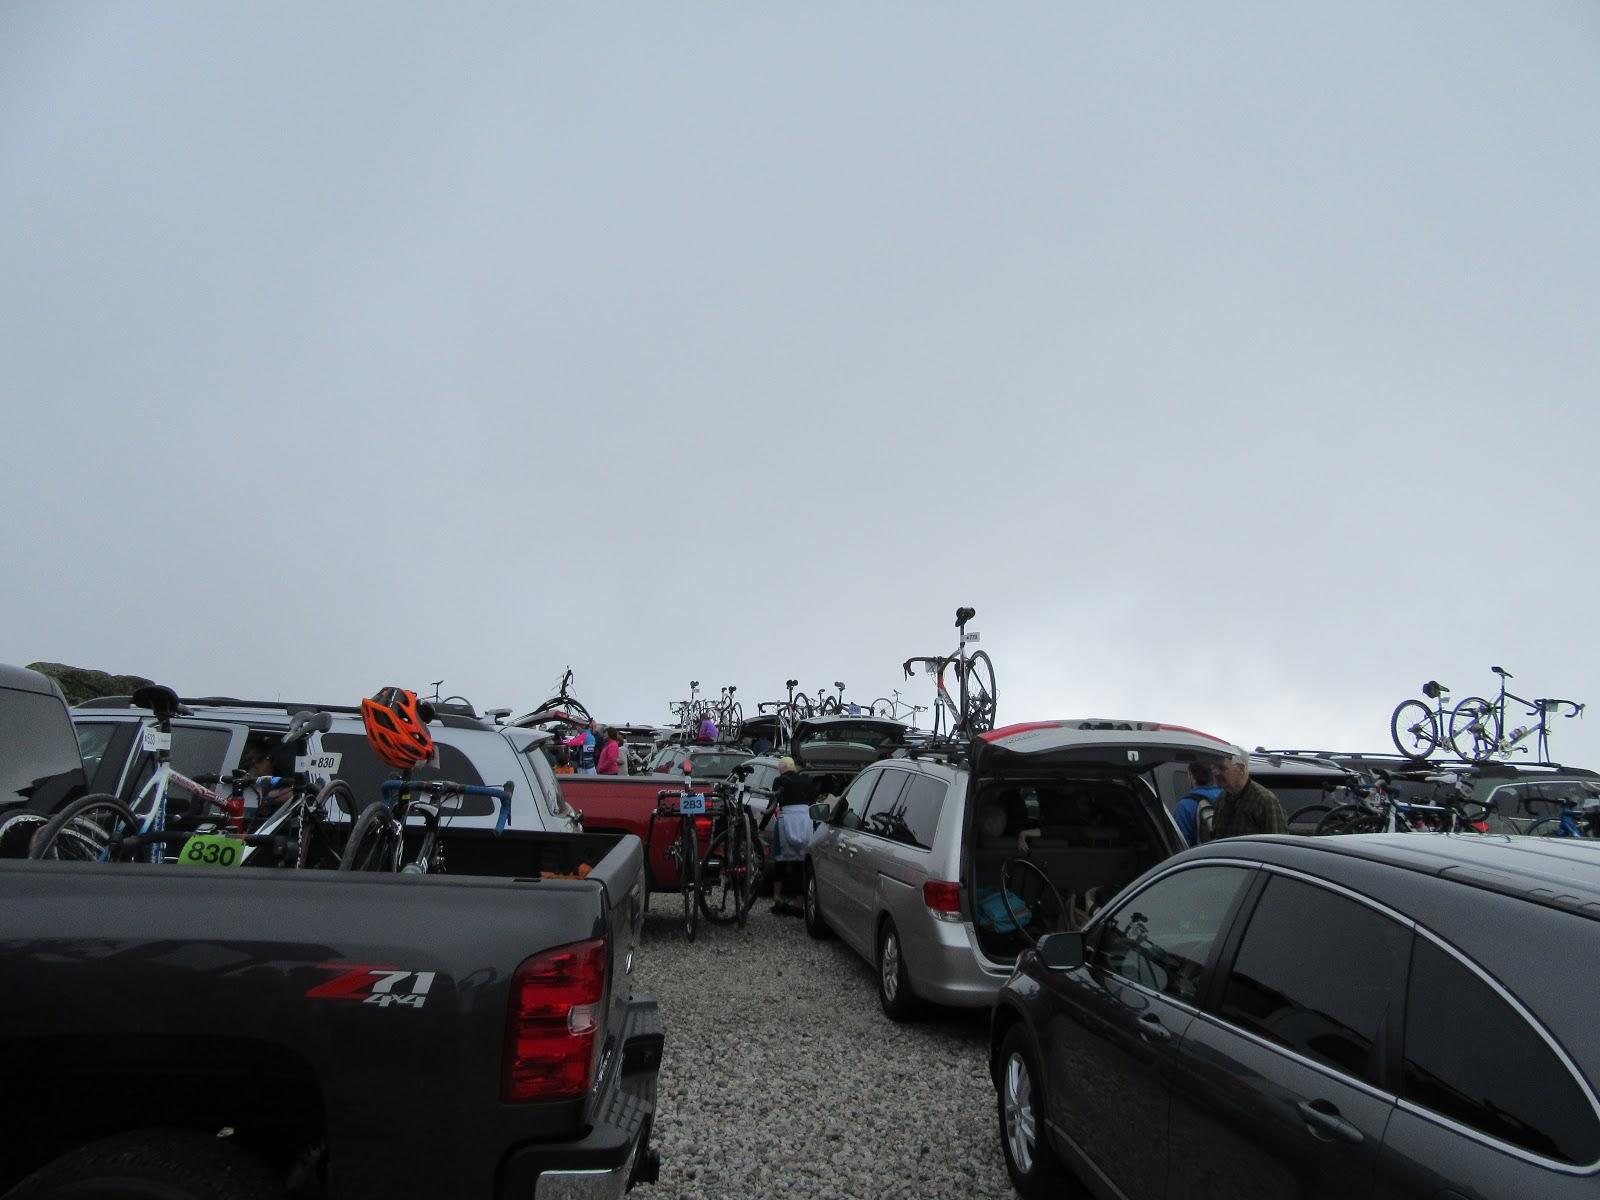 Mt. Washington Auto Road Bike Race - sharp turn at top